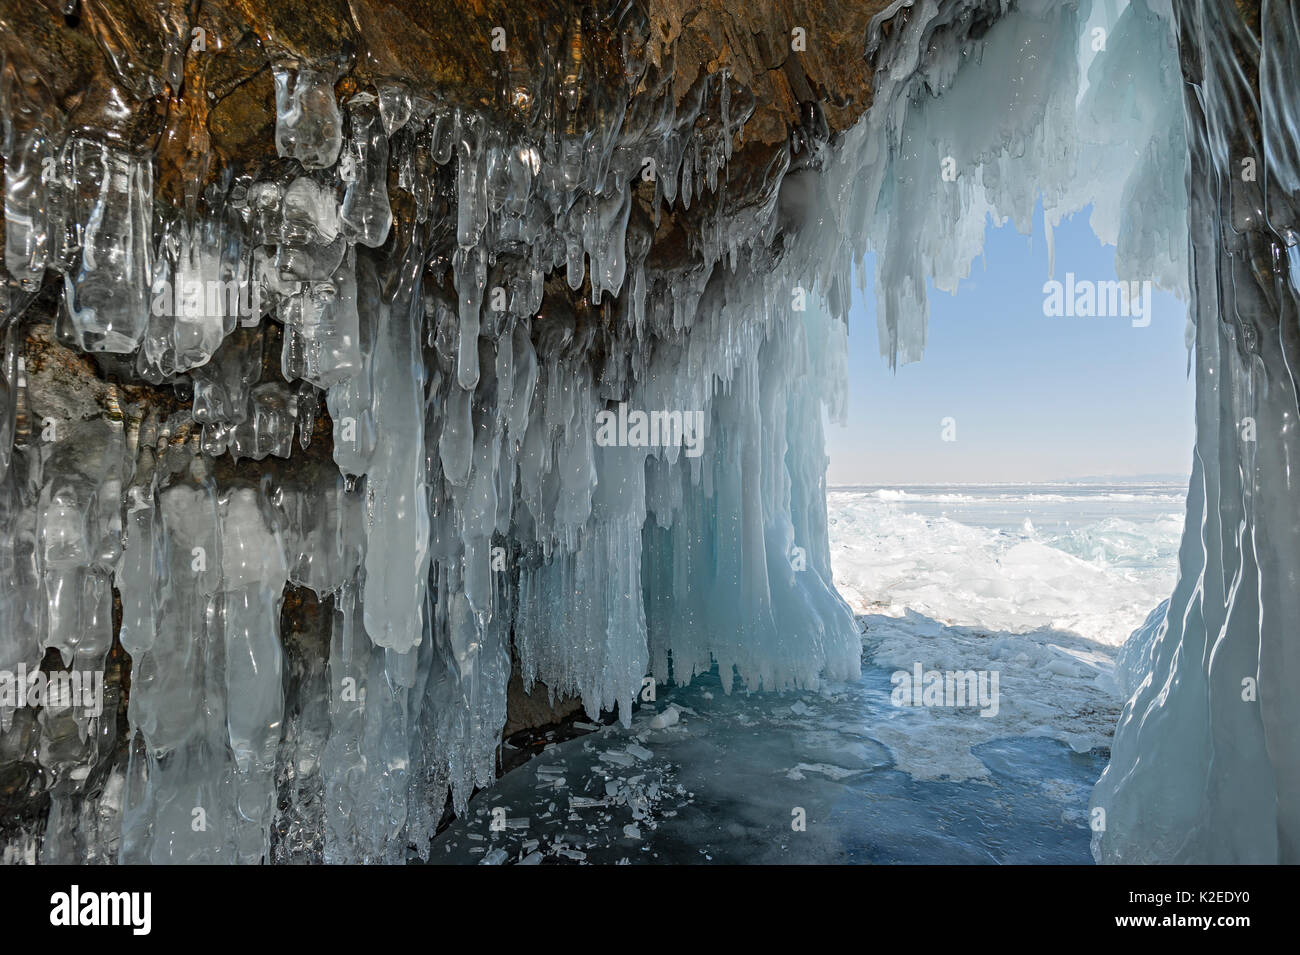 Cueva llena de carámbanos / hielo estalactitas, el lago Baikal, en Siberia, en Rusia, en marzo de 2015. Foto de stock